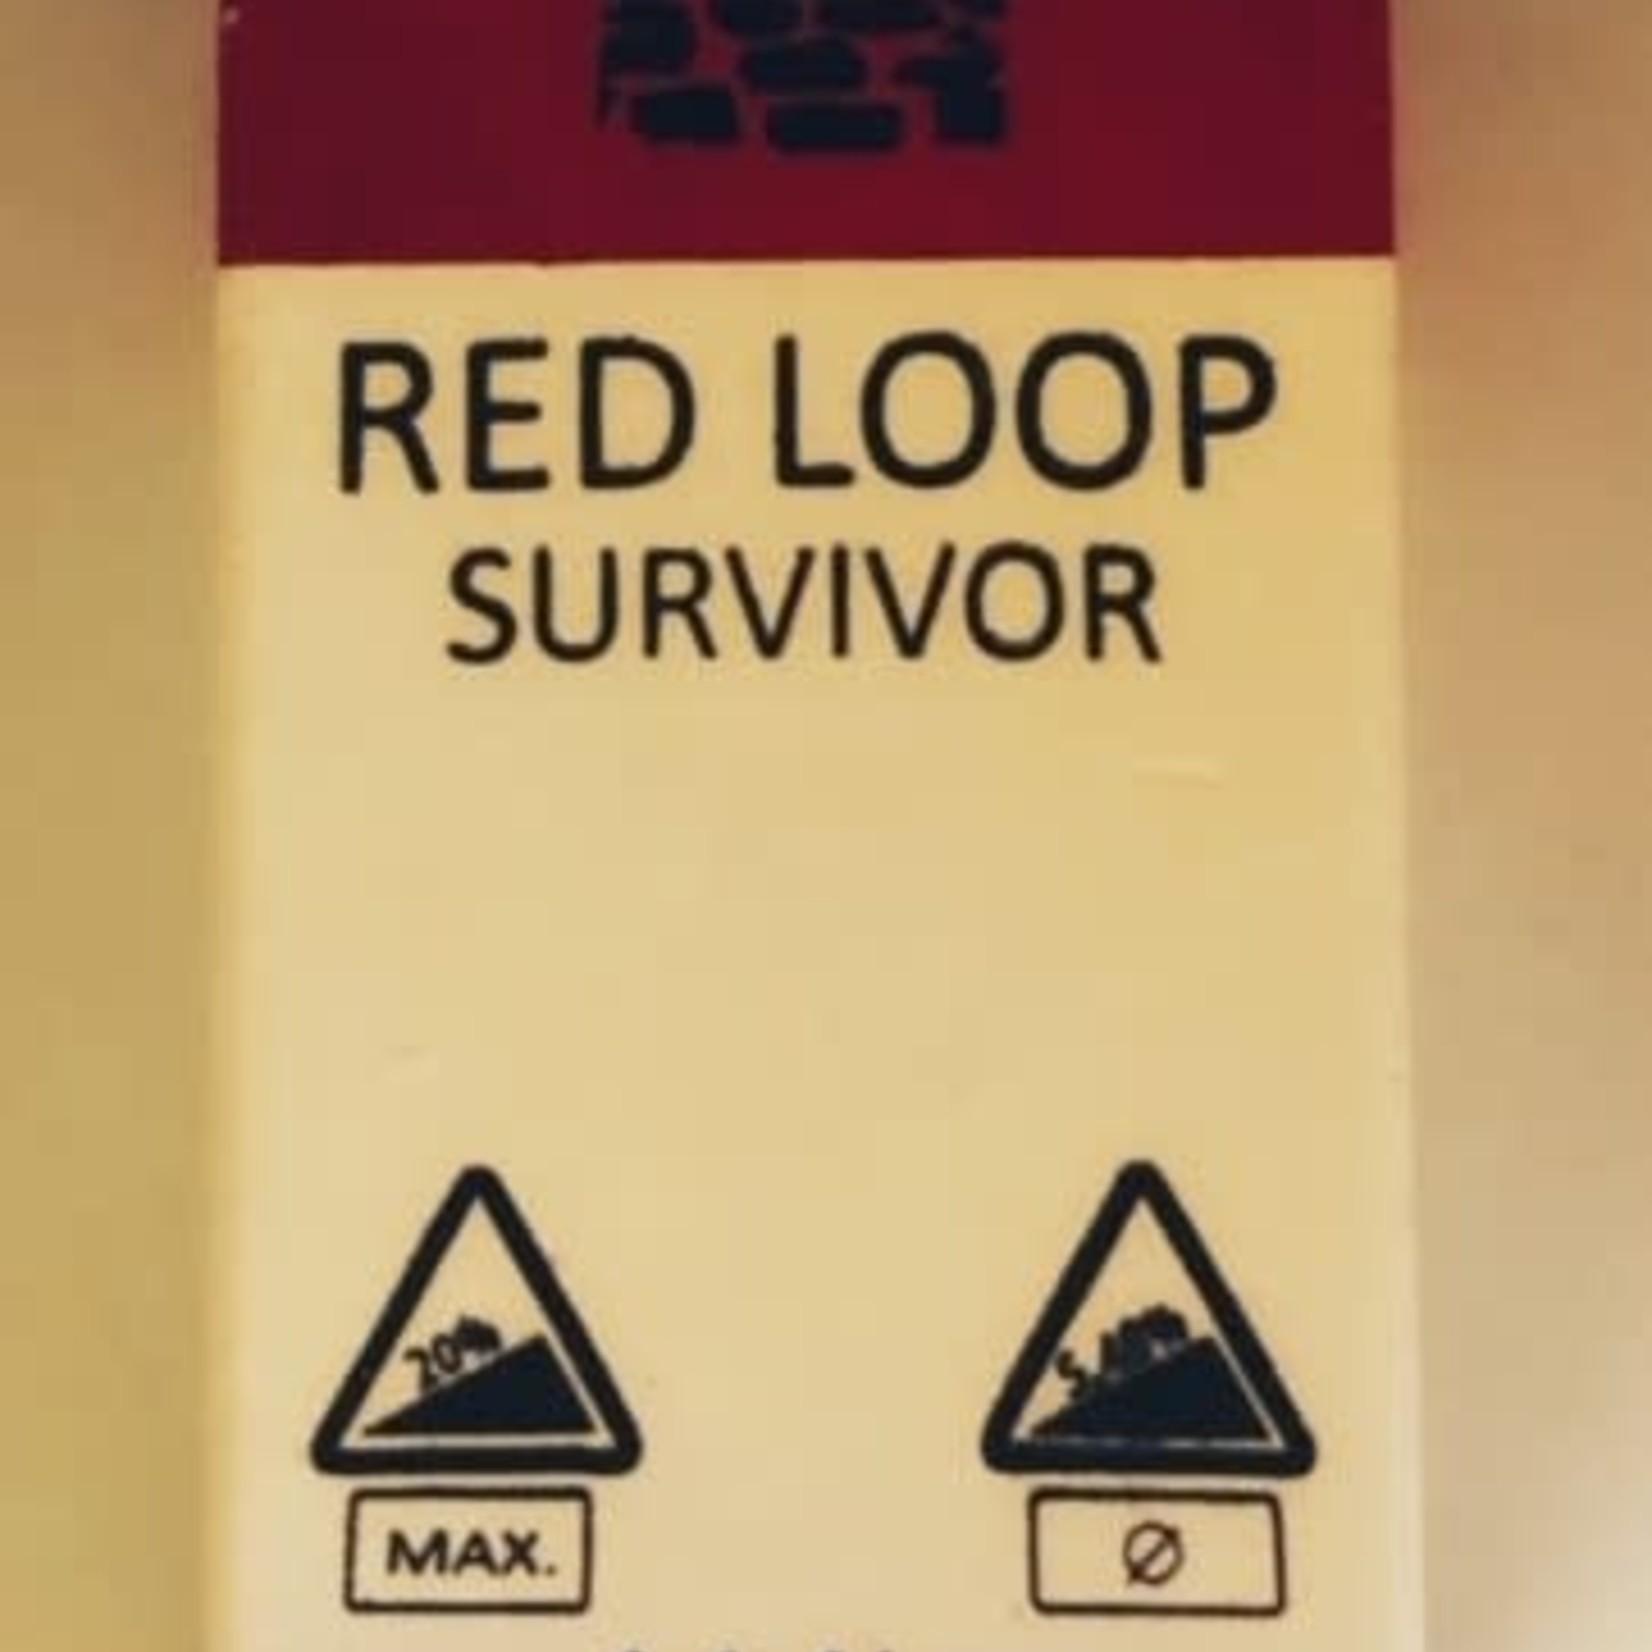 Milestone red loop